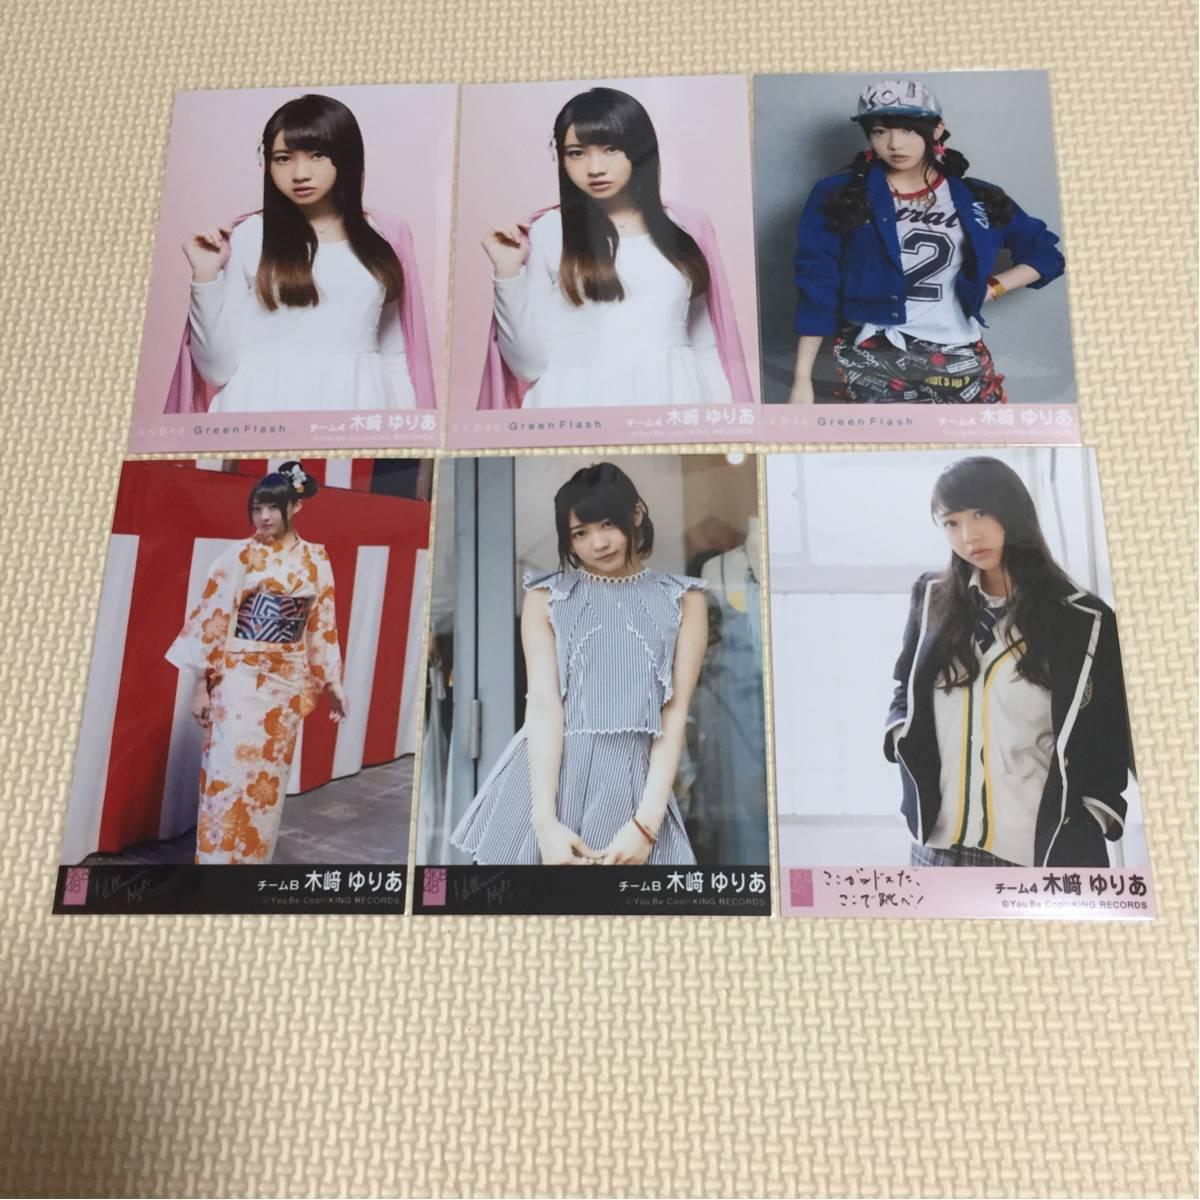 AKB48 木崎ゆりあ 写真6枚まとめ グリーンフラッシュ劇場盤 ハロウィンナイト劇場盤 ここがロドスだ、ここで跳べ!劇場盤